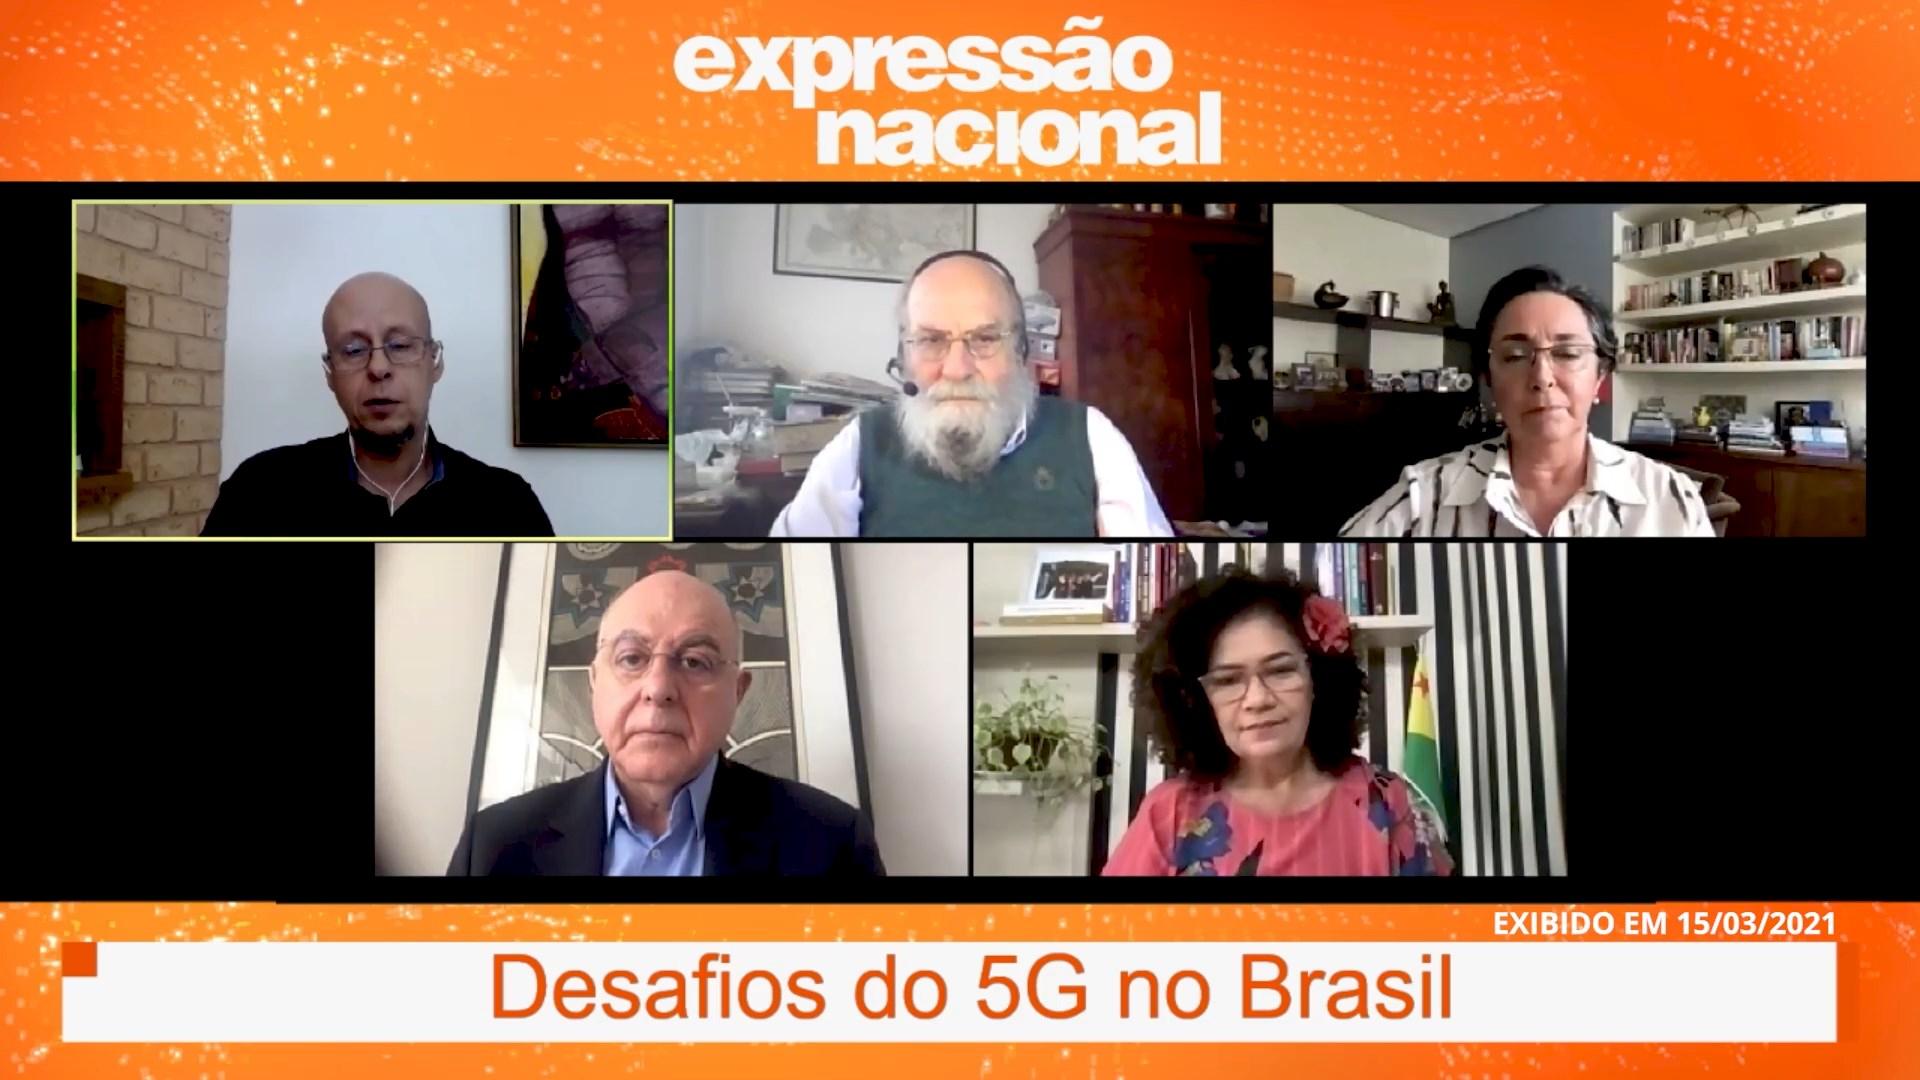 Desafios do 5G no Brasil